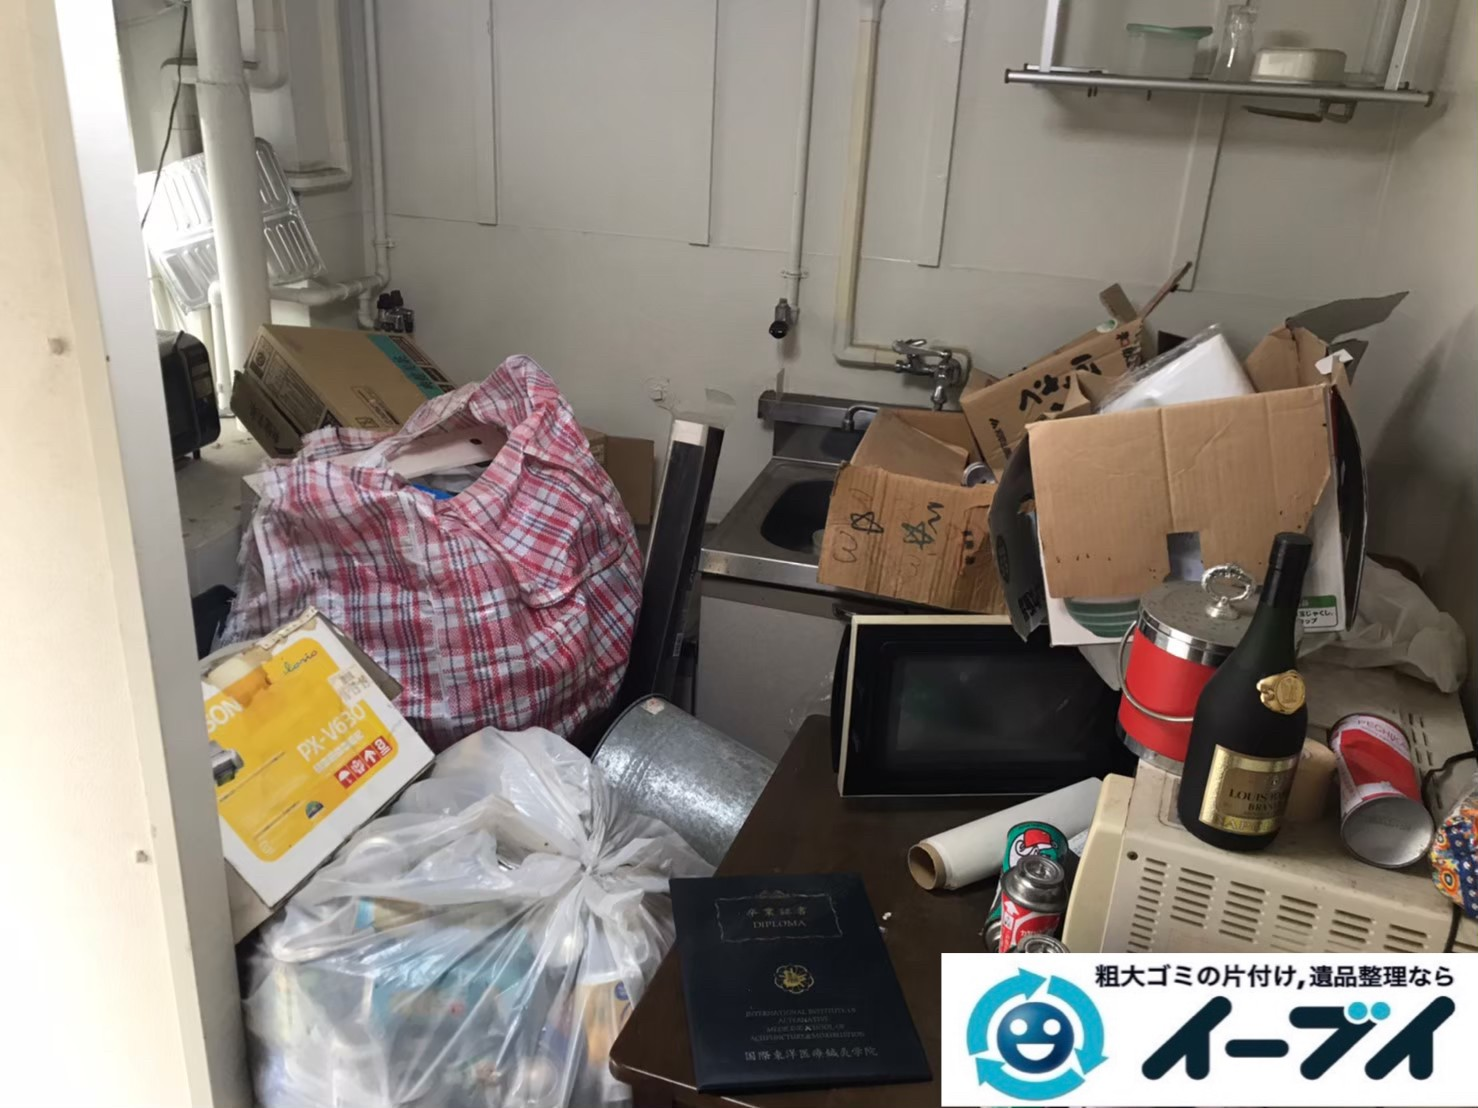 2020年7月10日大阪府交野市で不要な物やゴミが散乱しゴミ屋敷化した汚部屋の片付け作業です。写真3